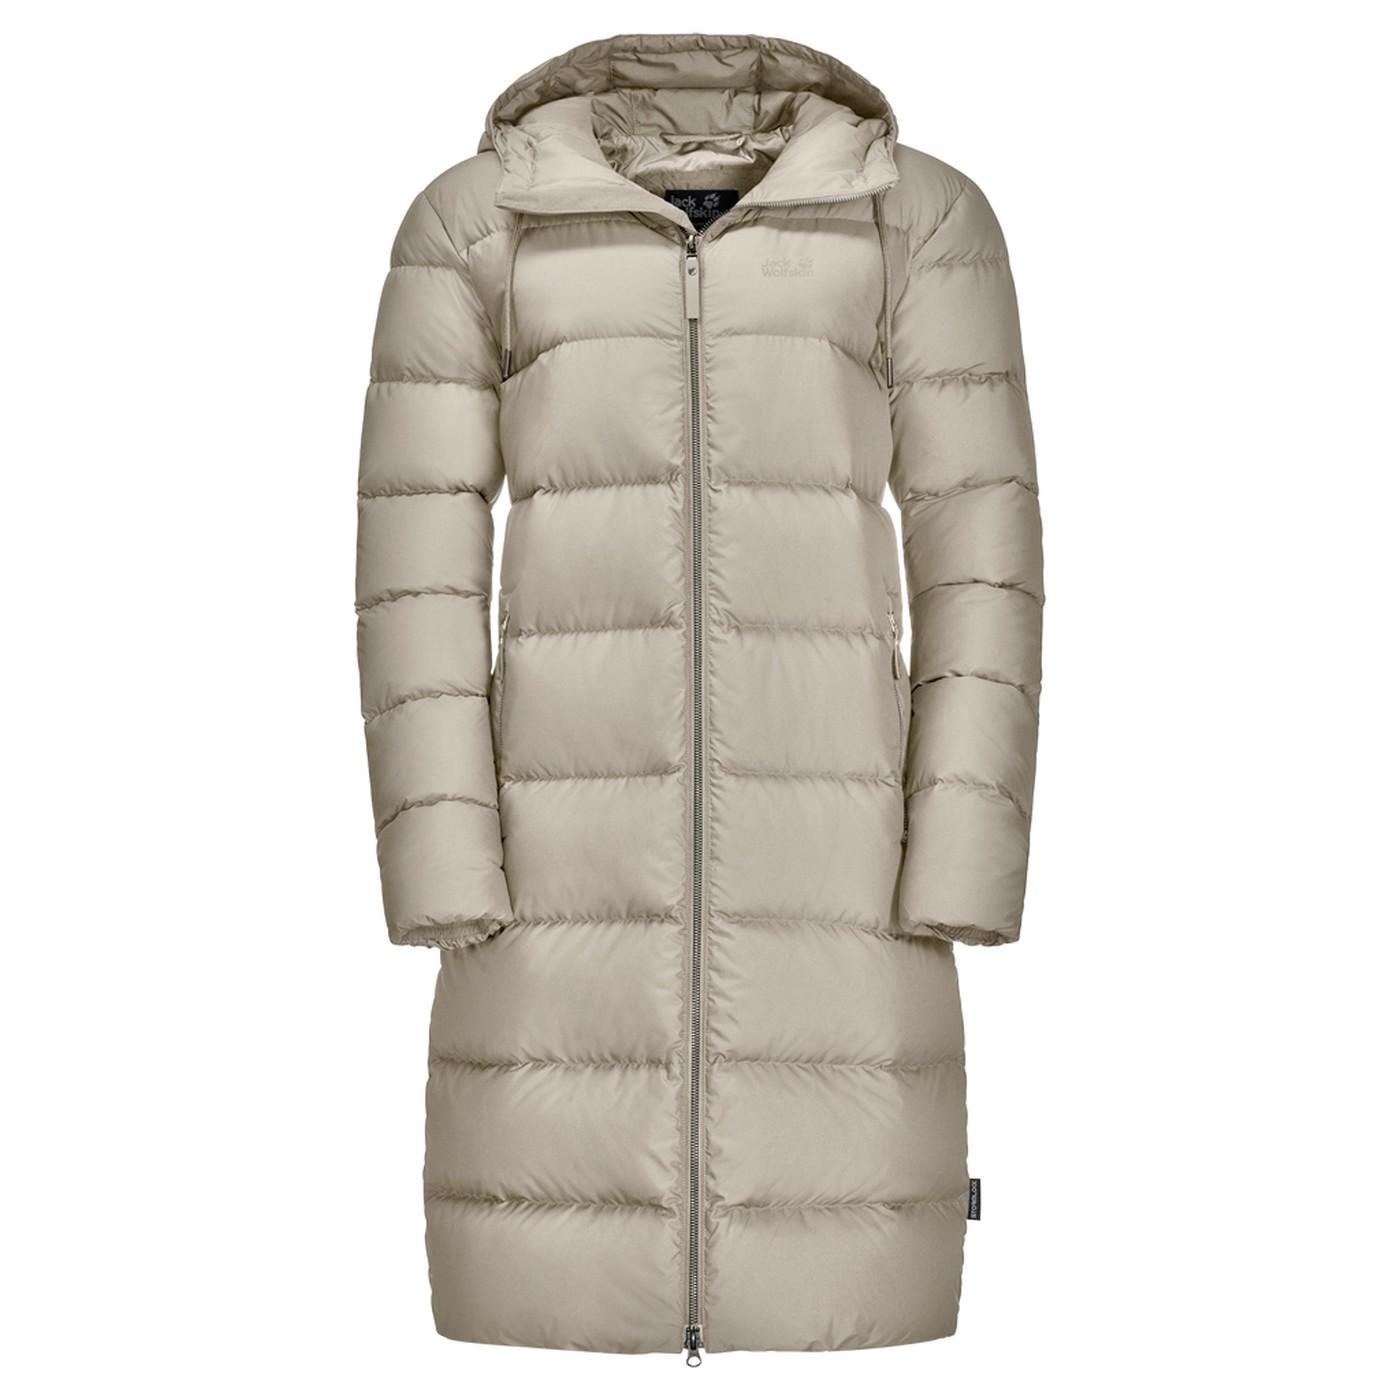 Jack Wolfskin Crystal Palace Coat dusty grey us